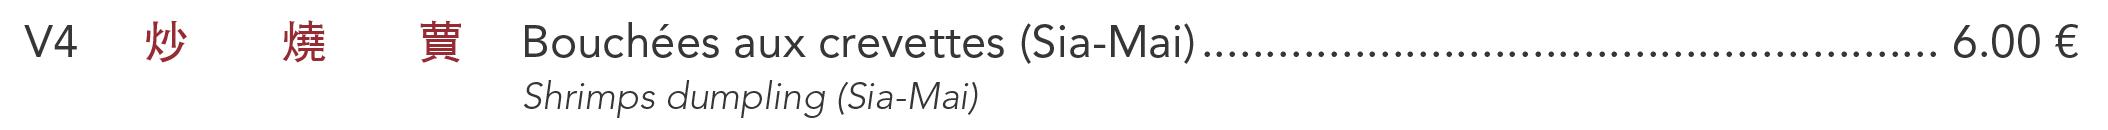 V4 - Bouchées aux crevettes (Sia-Mai)